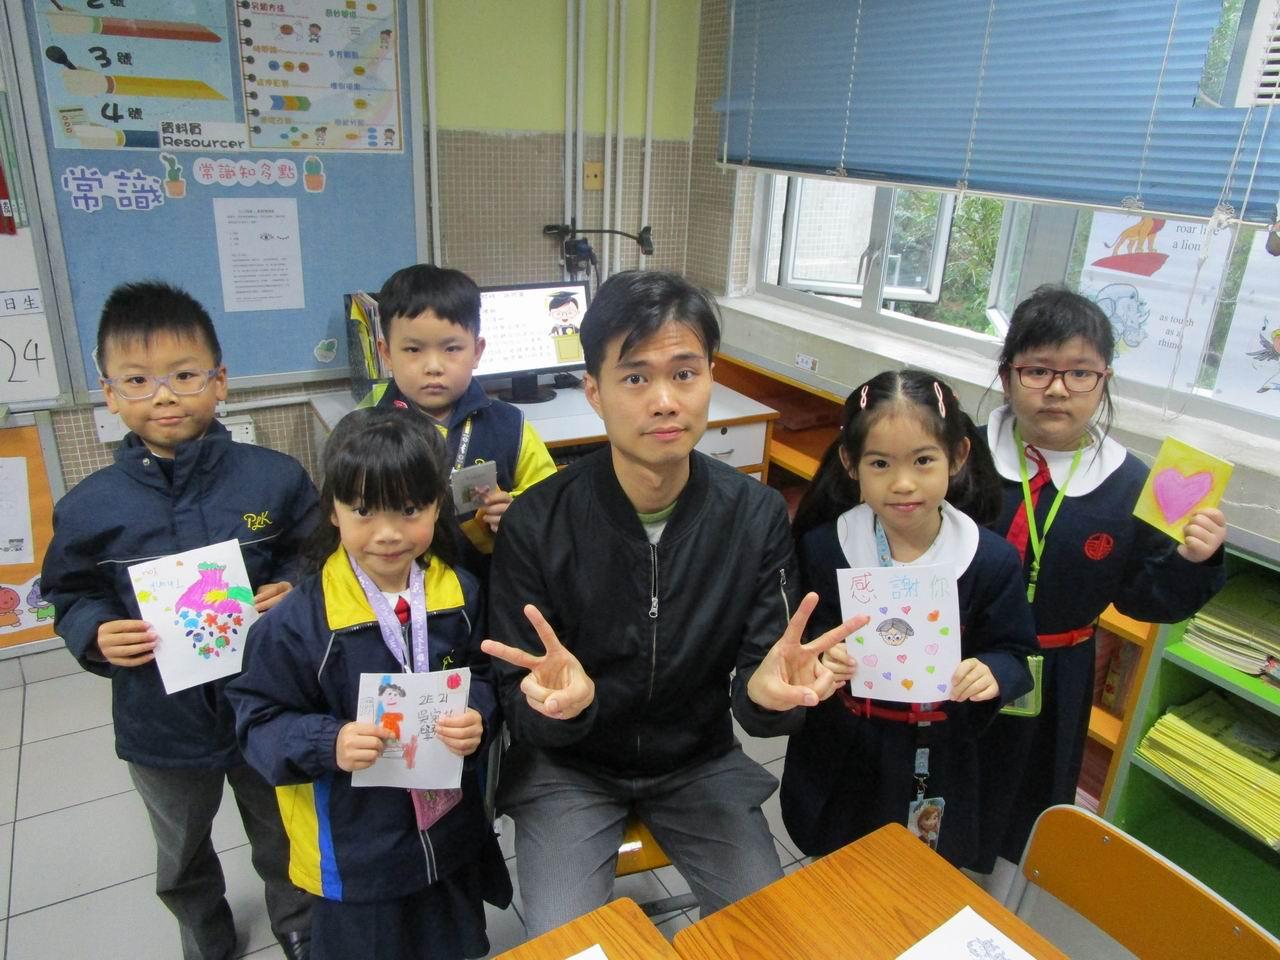 https://www.plkcjy.edu.hk/sites/default/files/img_1665.jpg